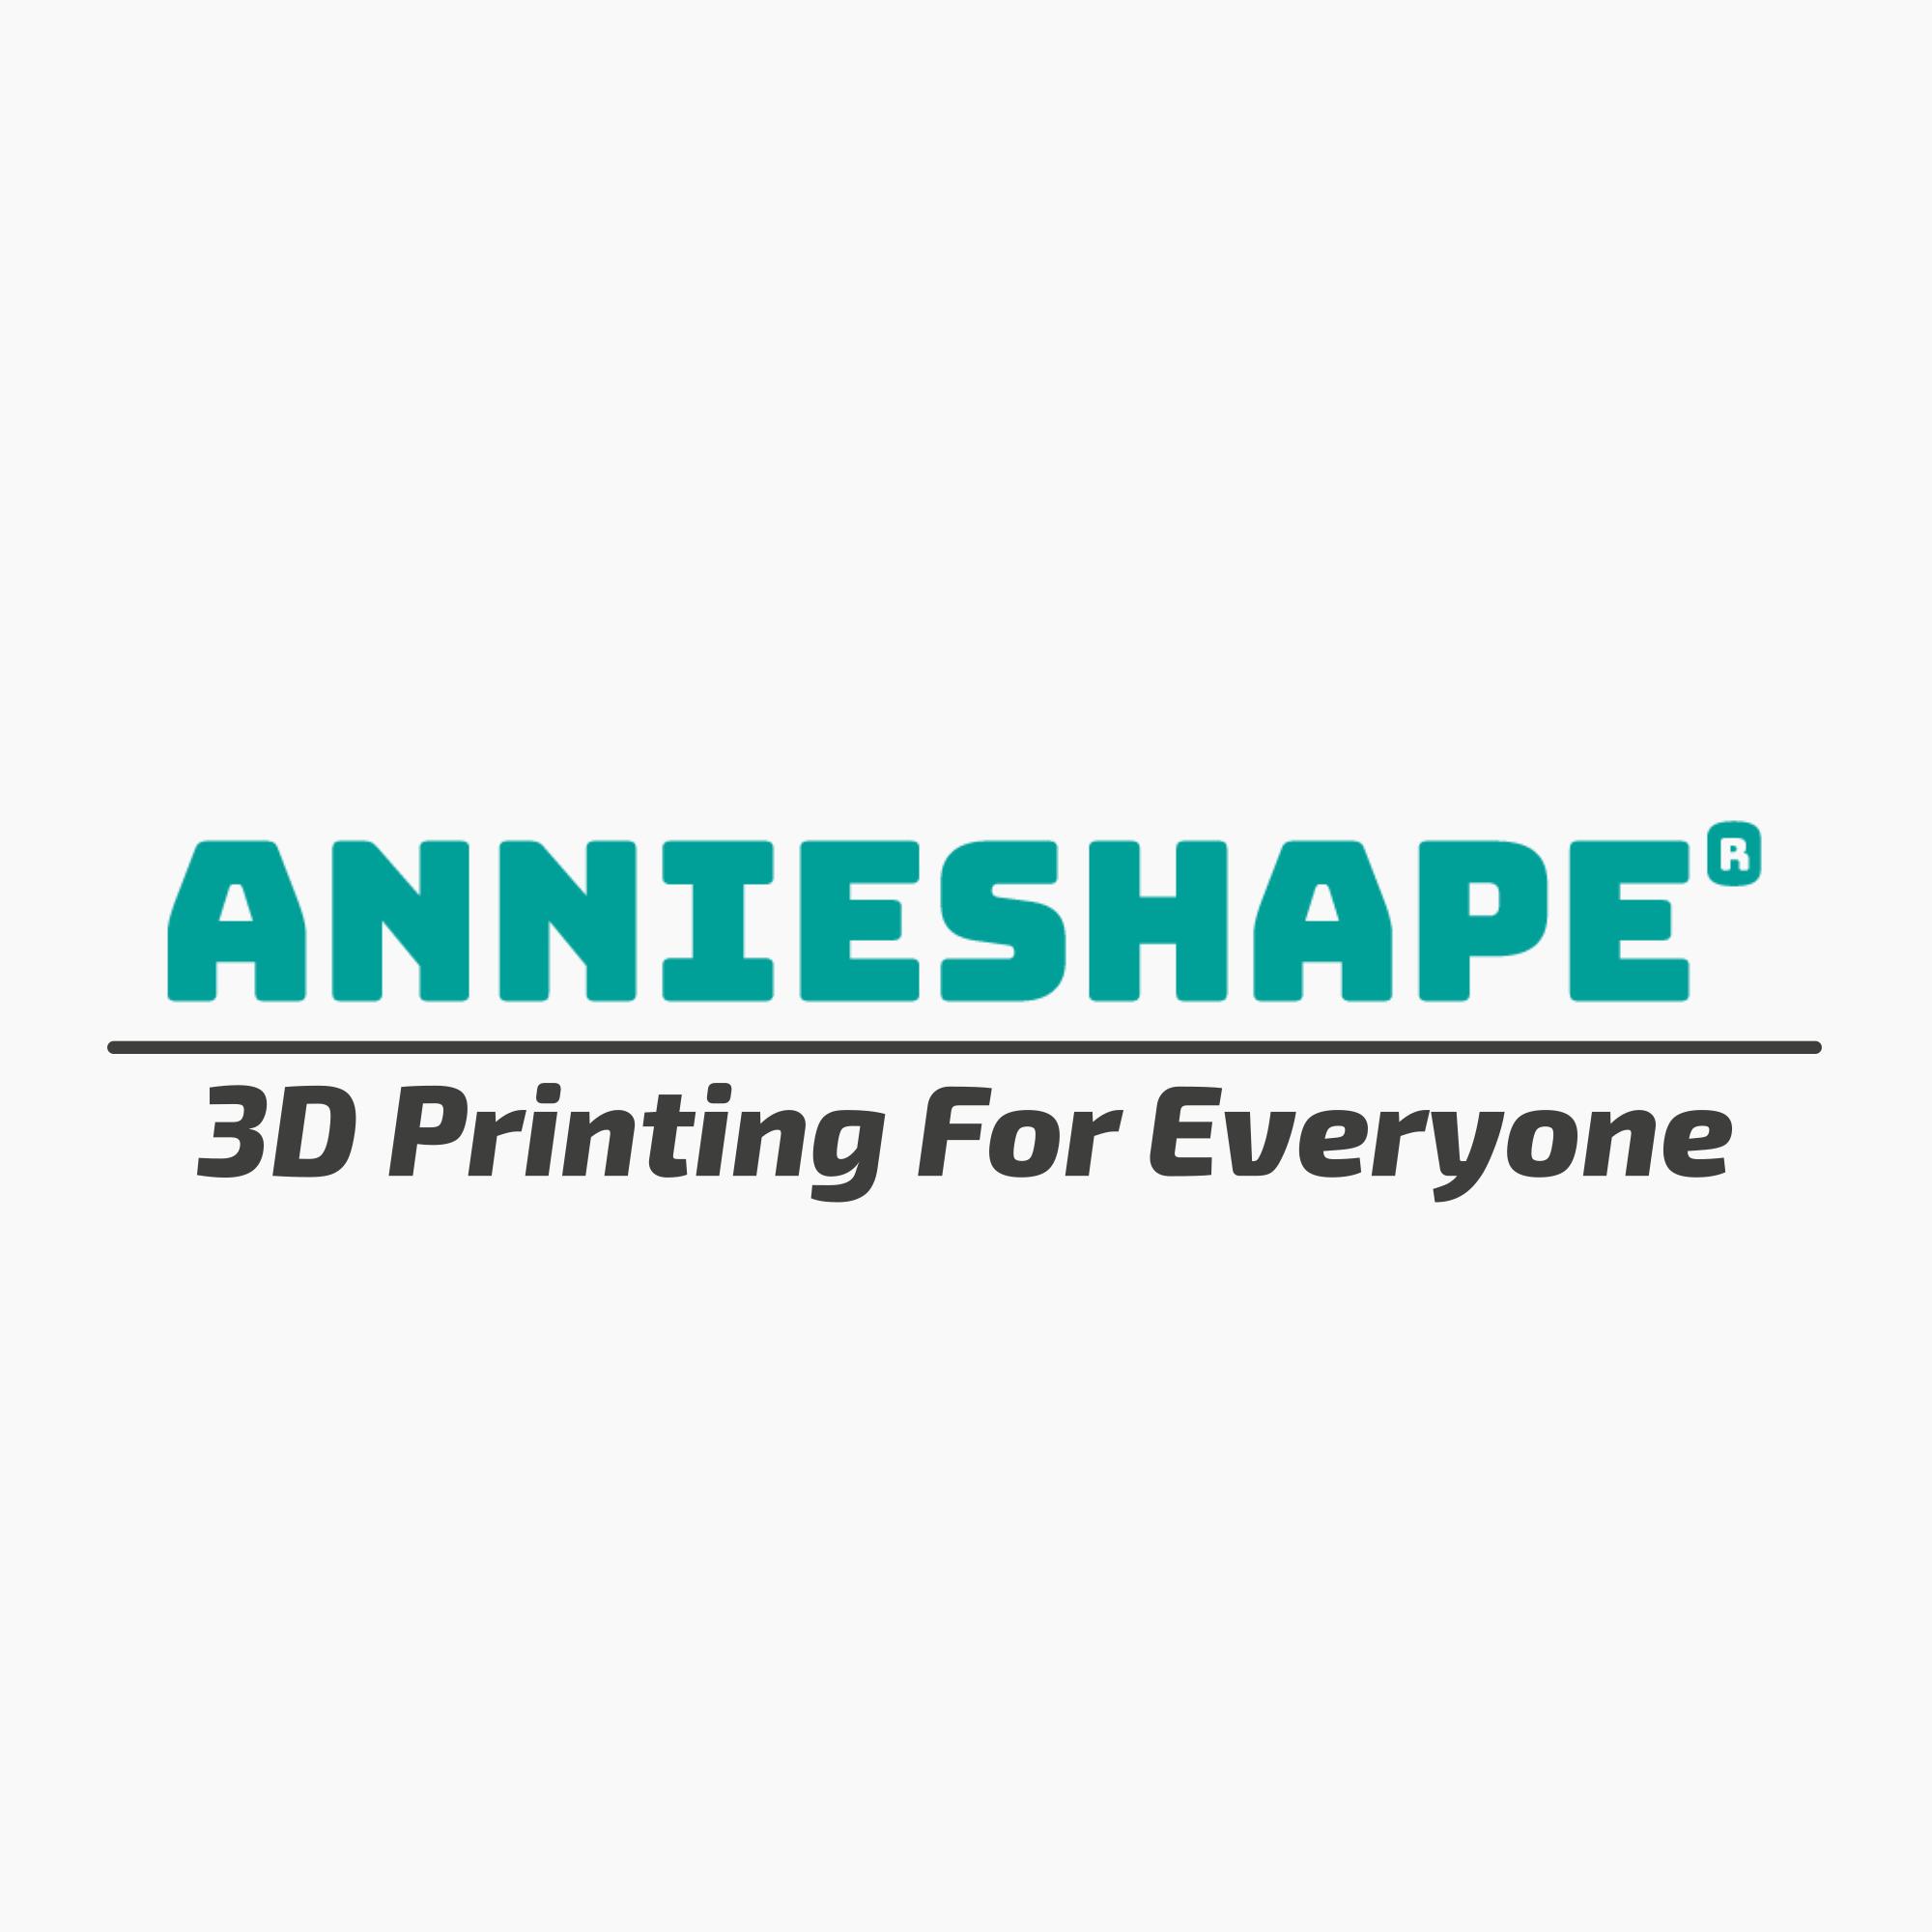 AnnieShape3D